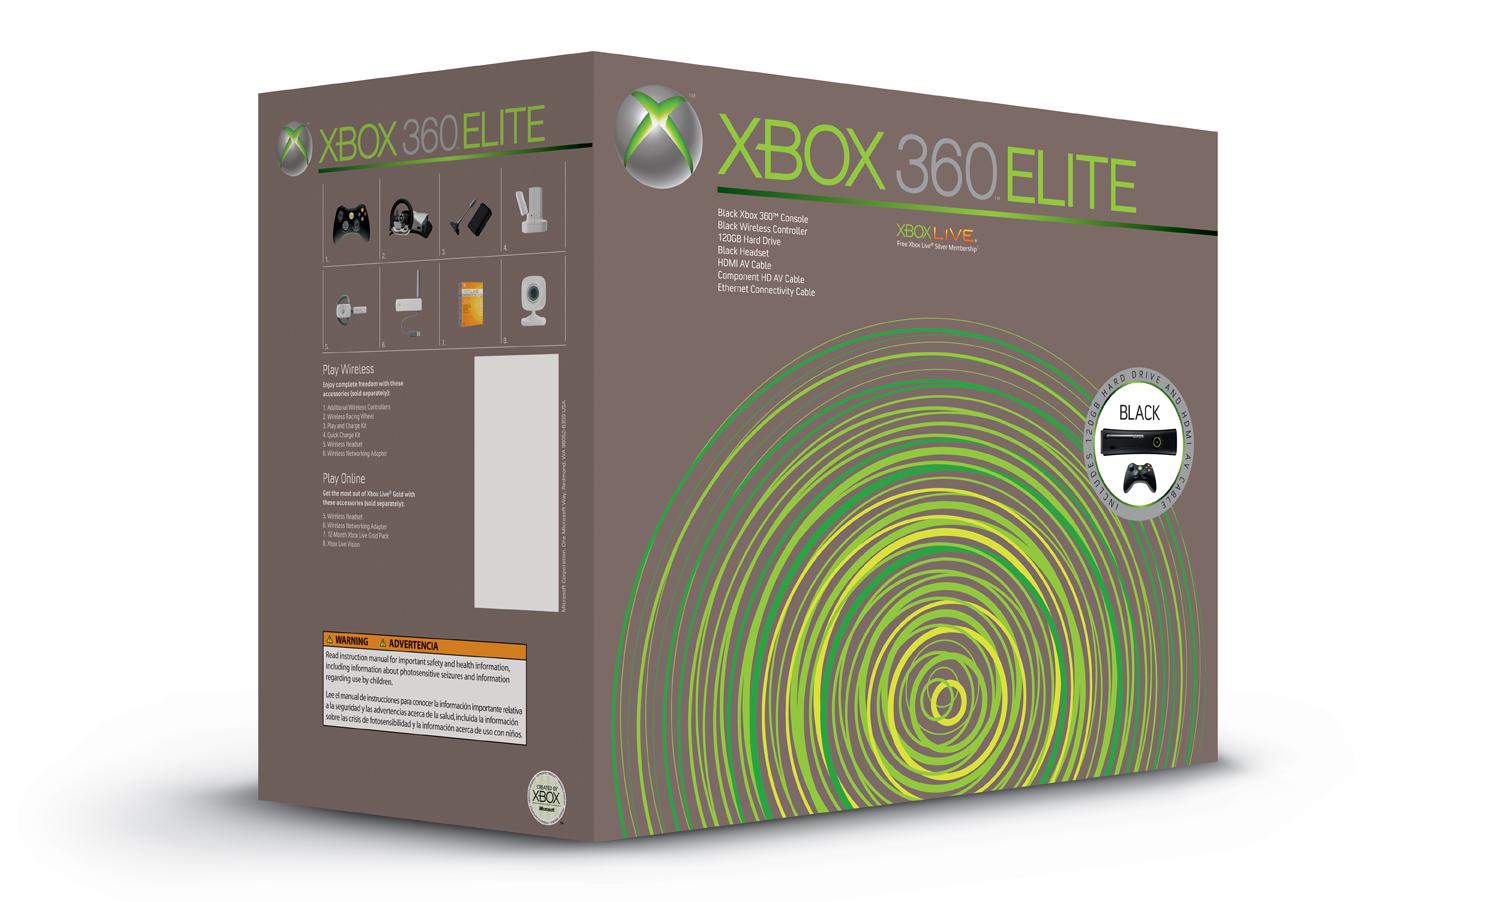 Xbox360 elite jasper 250gb